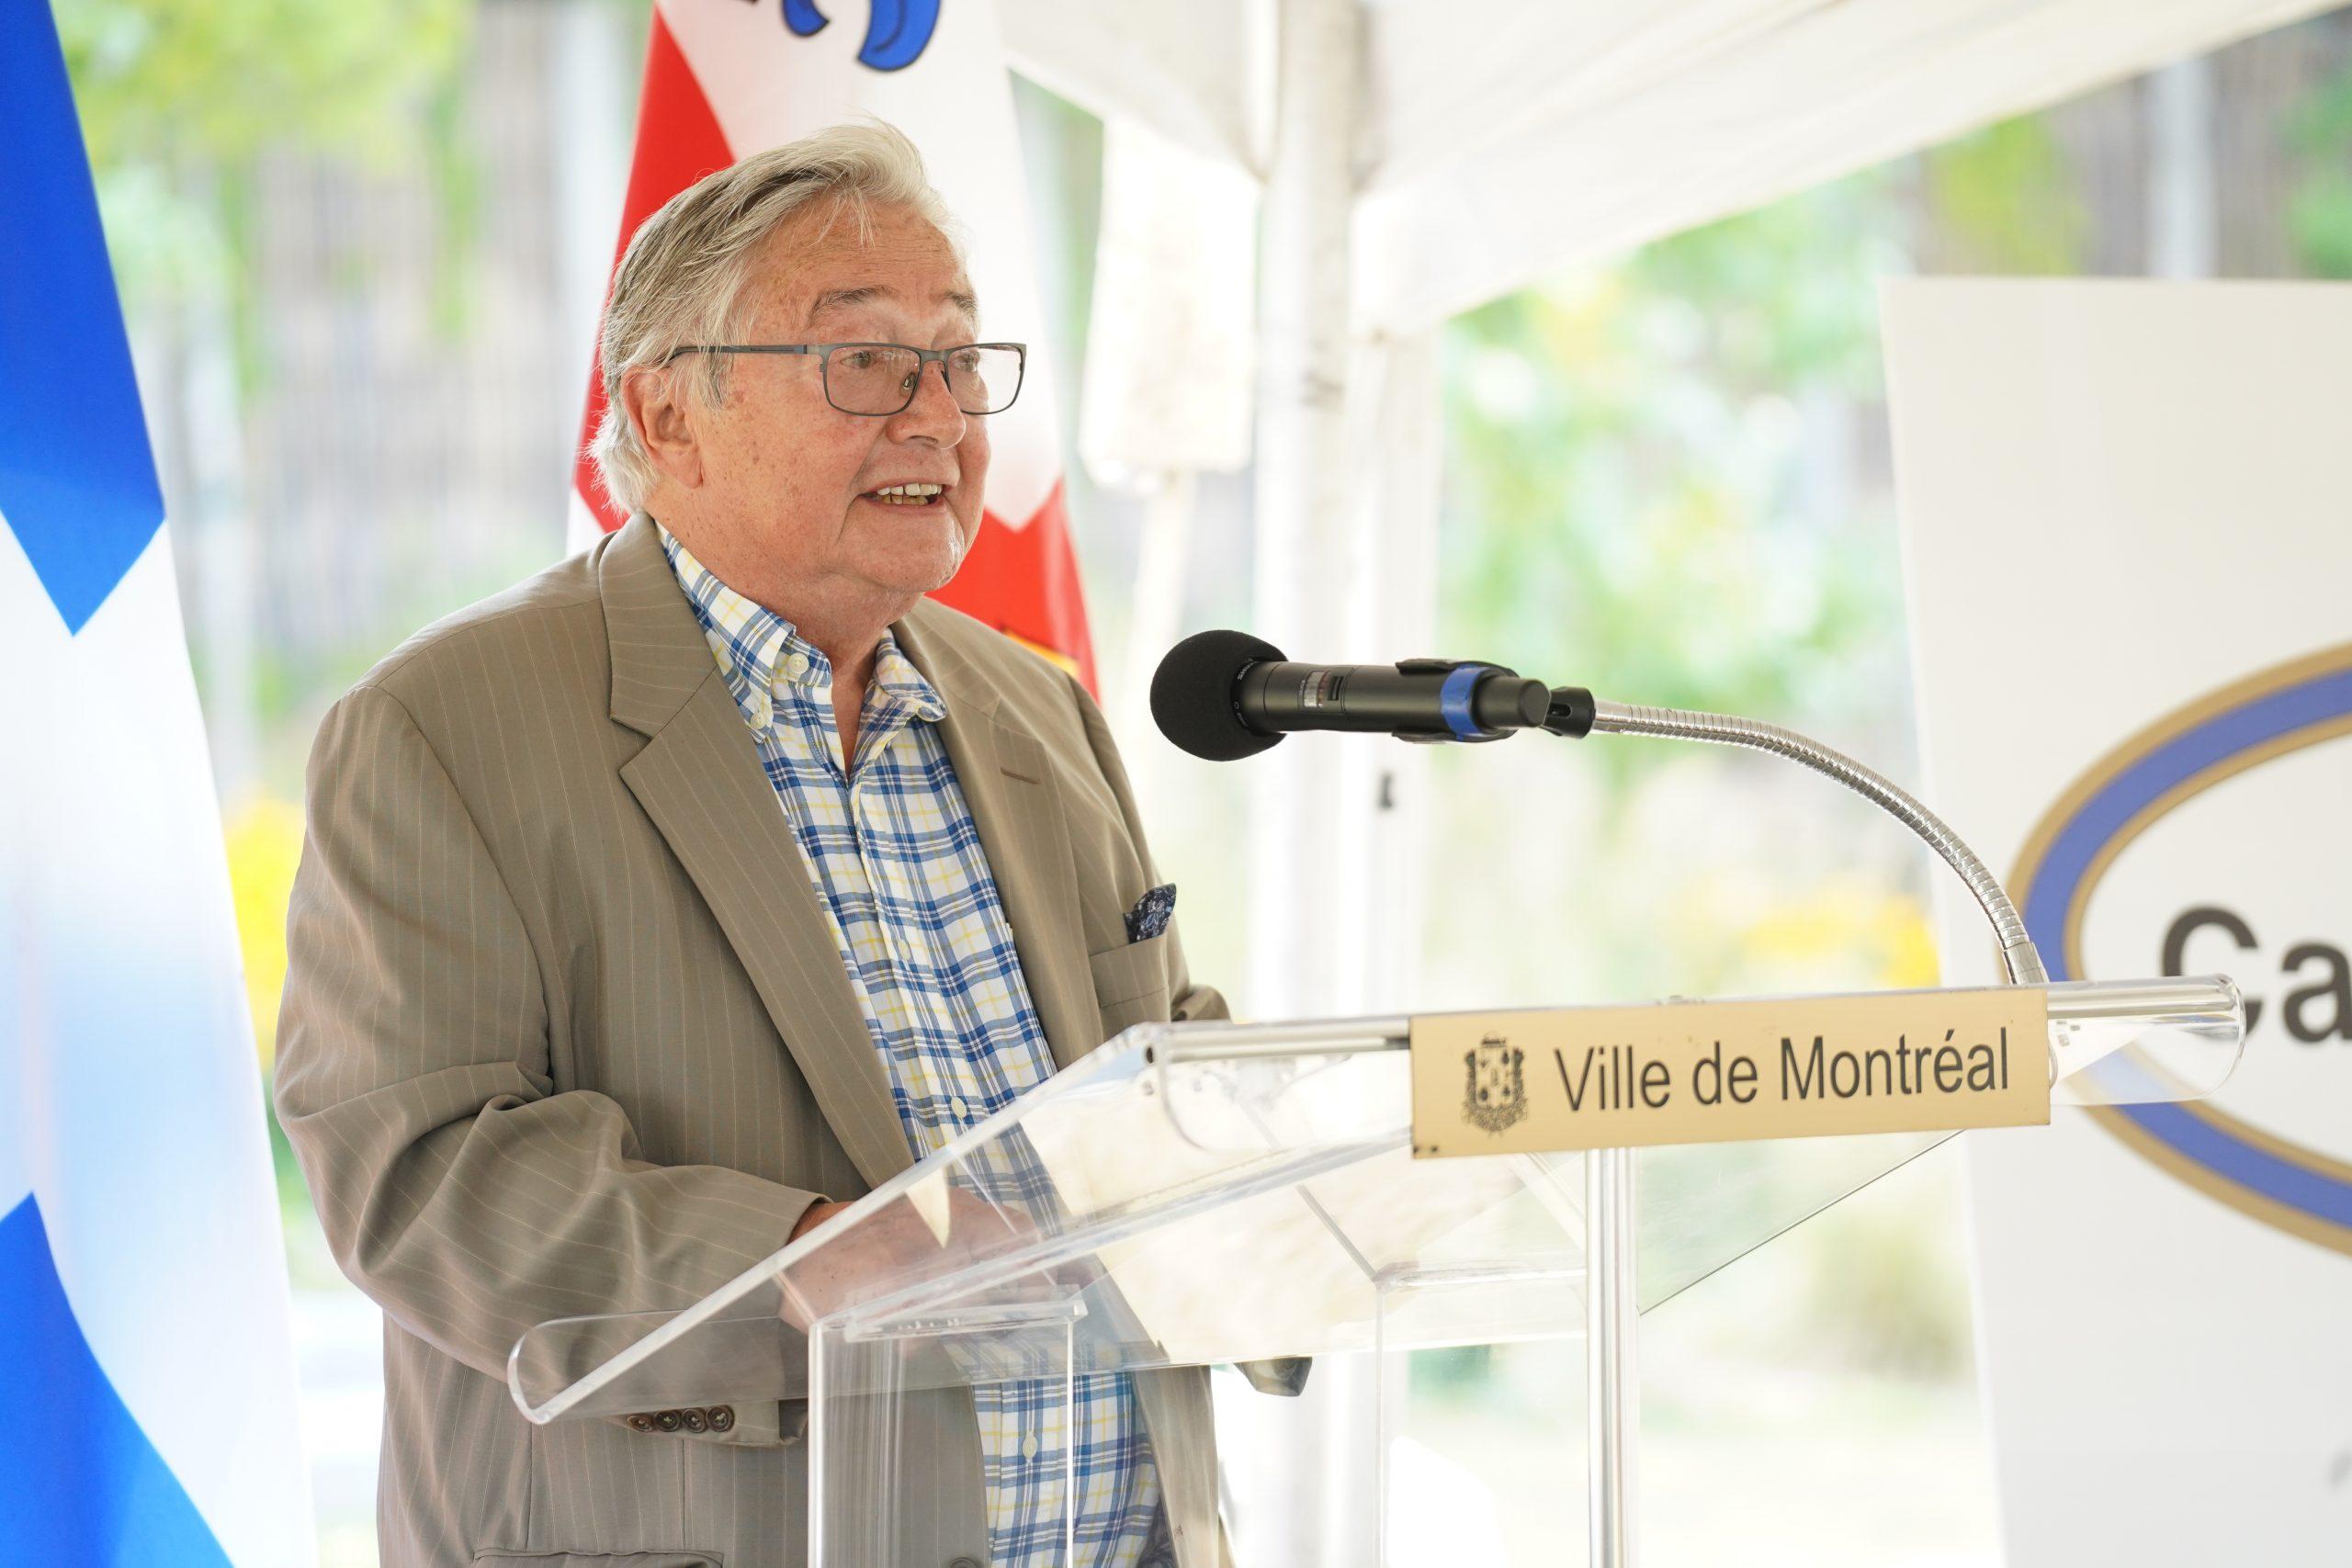 Allocution  de Jean A. Savard lors de l'inauguration de la place Camille-Laurin, tenue le 20 août dernier [cliquer sur un mot]